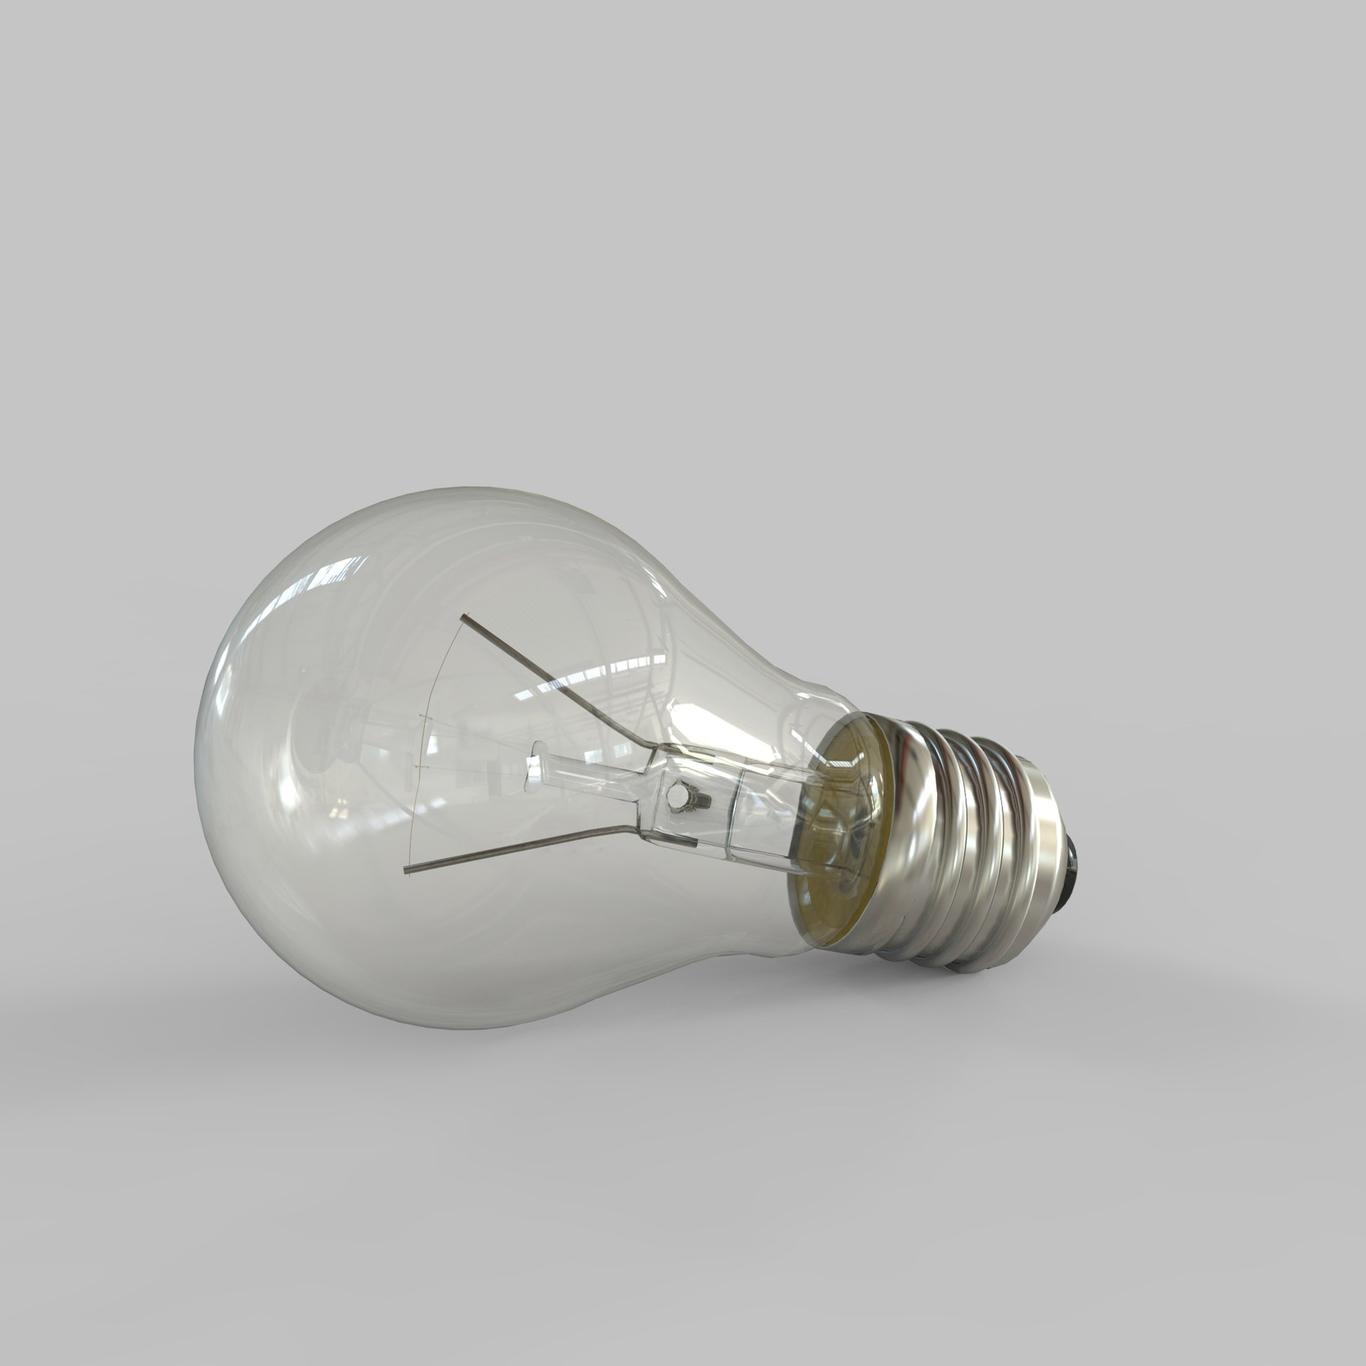 Susskind bulb render 1 57938dc2 gacz